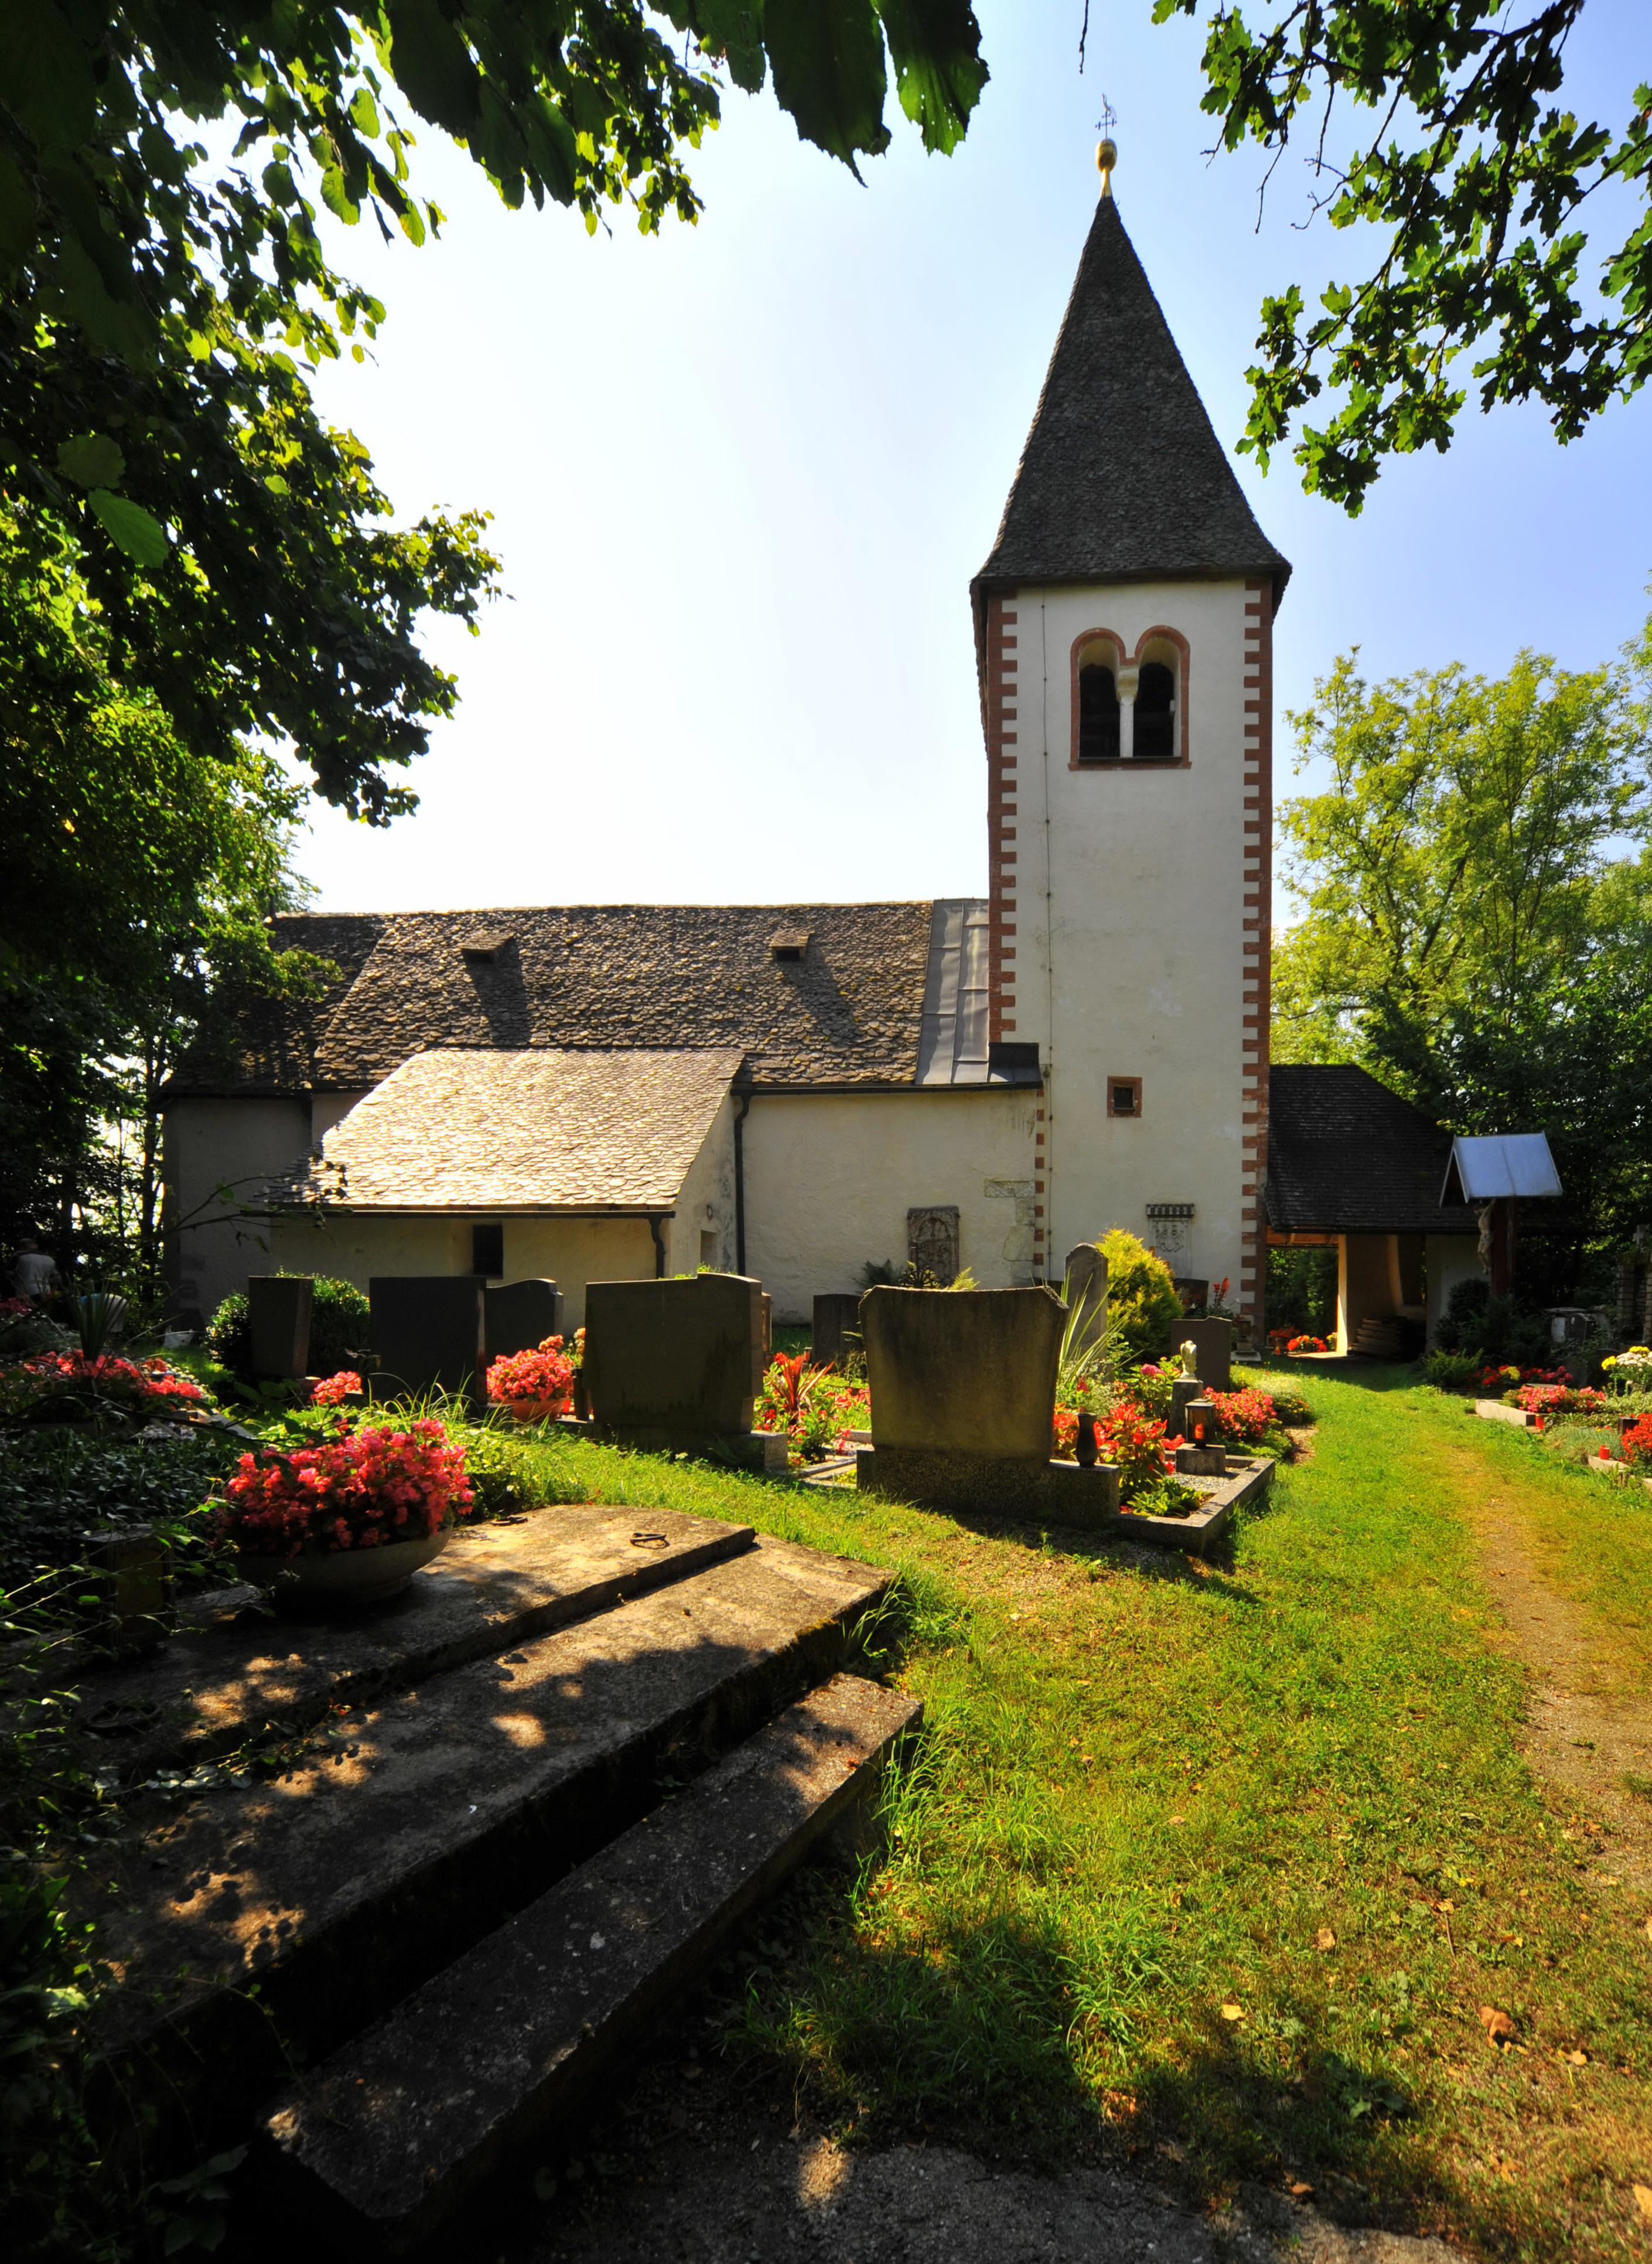 Sankt radegund bei graz single date - Wlfnitz kleinanzeigen